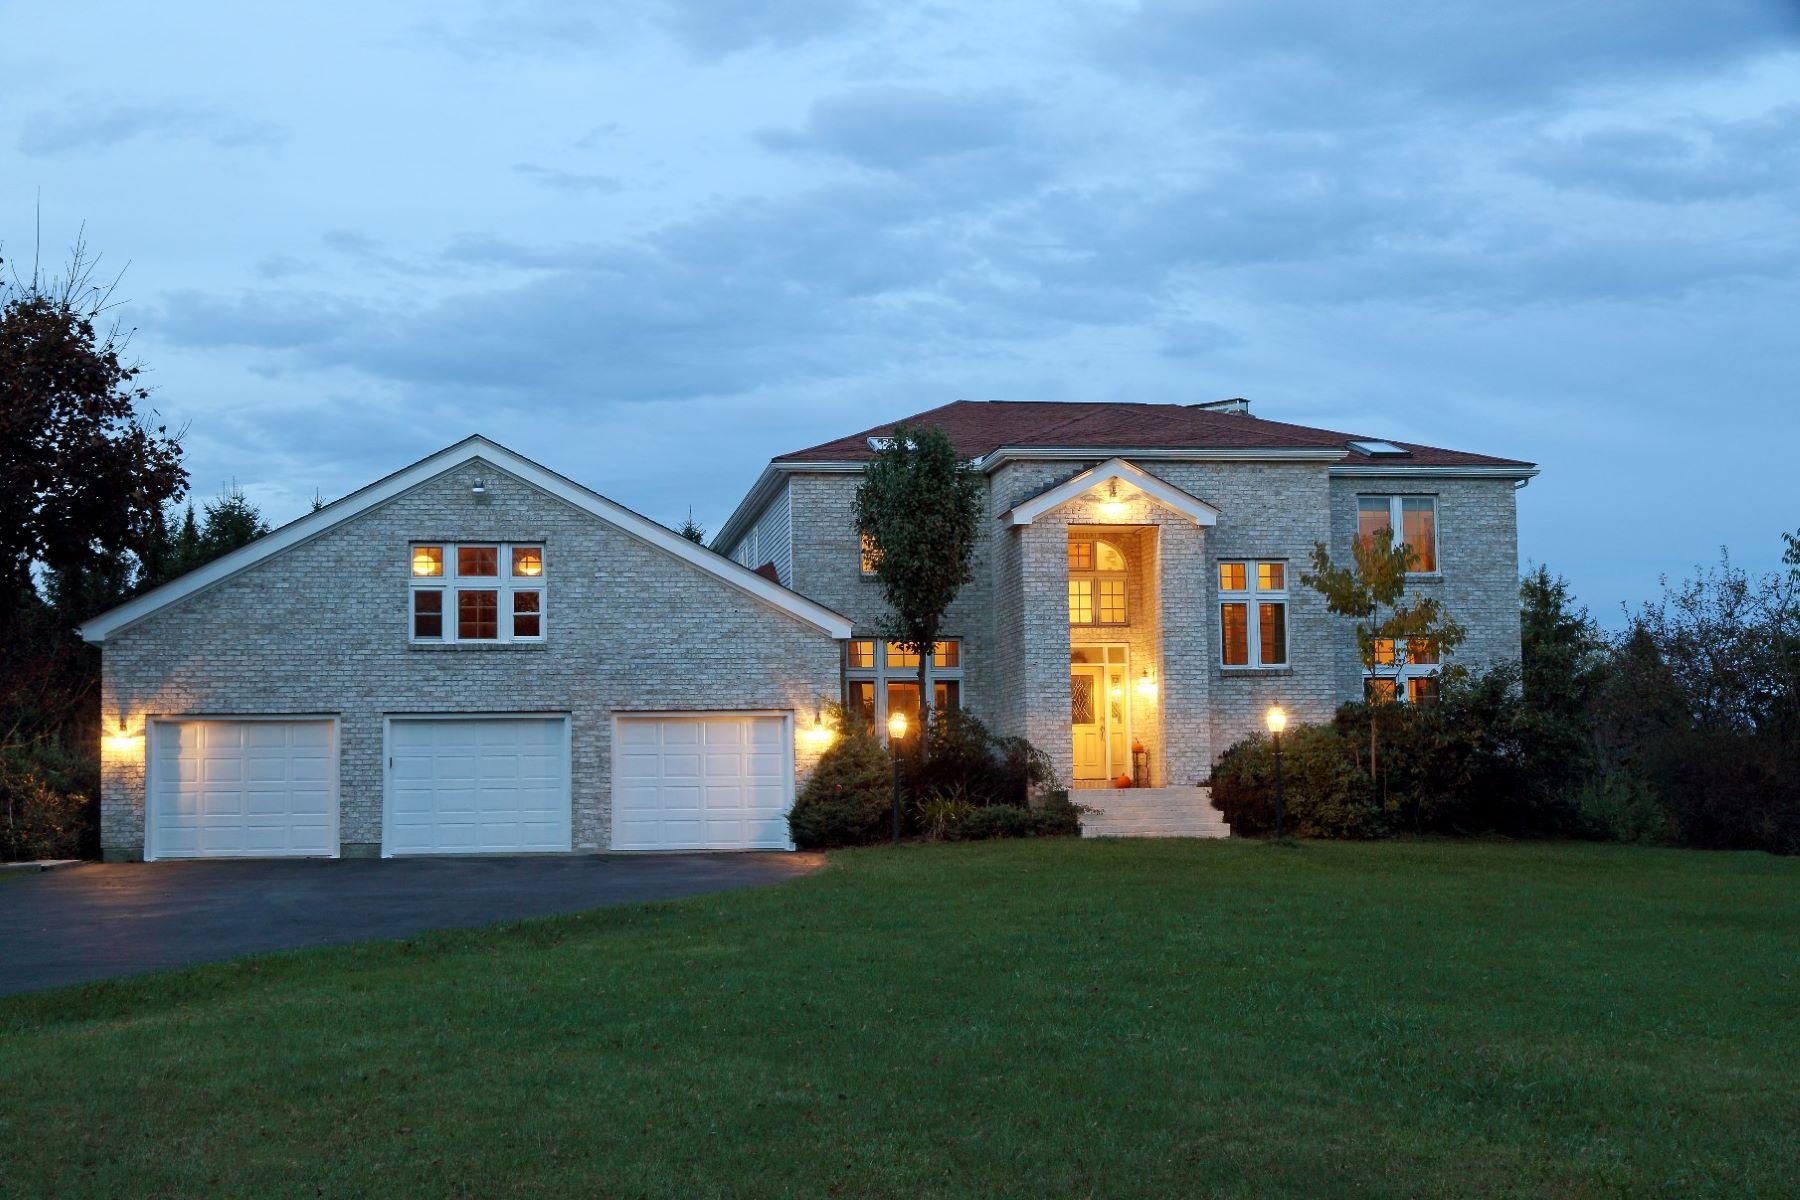 Частный односемейный дом для того Продажа на Country Estate 156 Old Stage, Essex, Вермонт, 05452 Соединенные Штаты